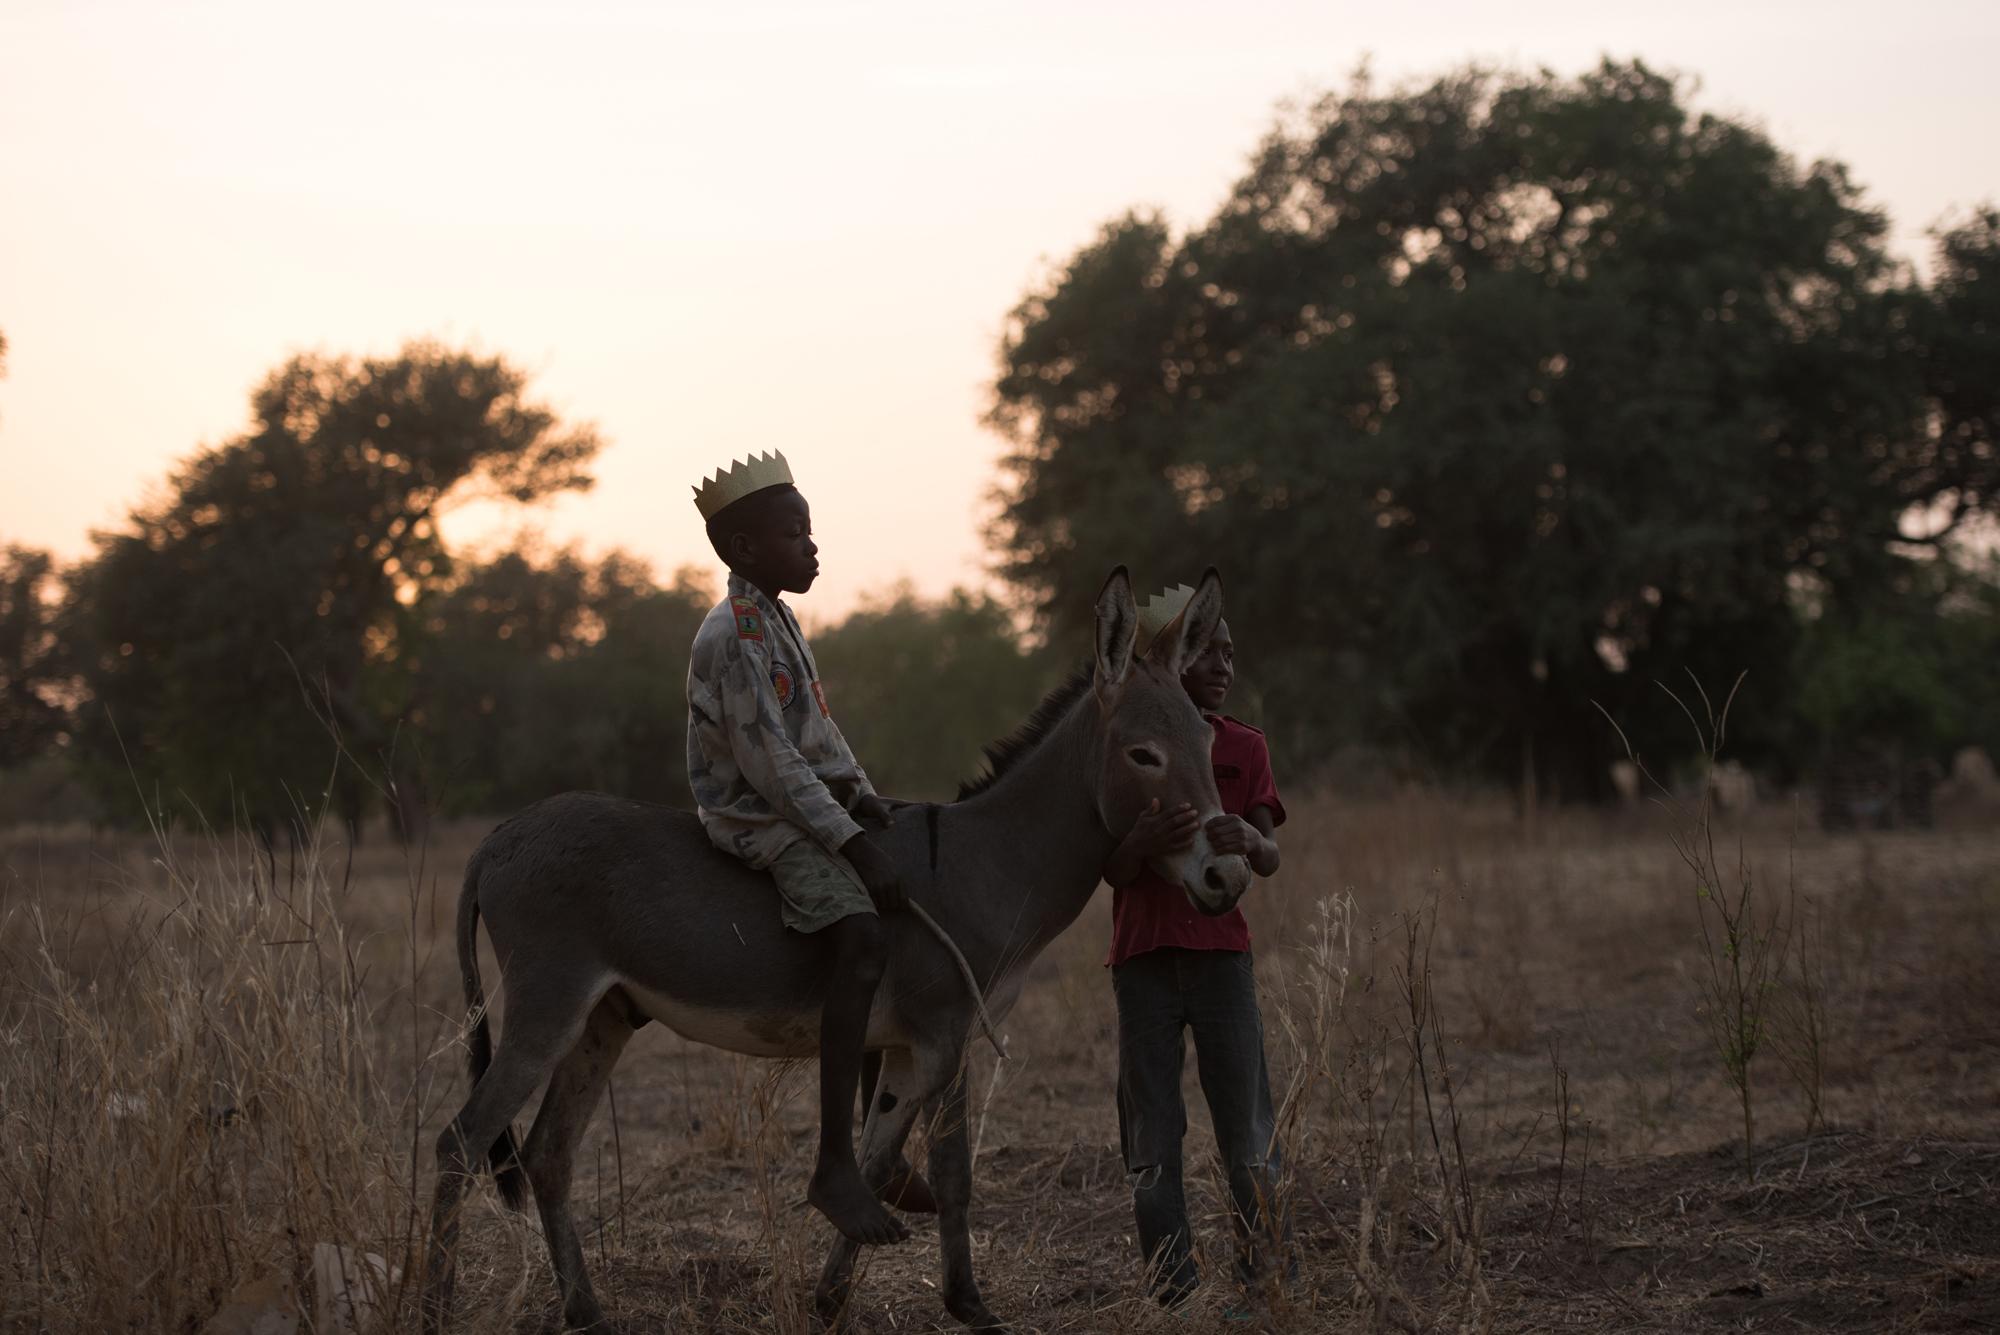 GHANA_AFRICA_HUMANITARIAN_PHOTOGRAPHY_TaraShupe_DSC_2478-RAW.jpg